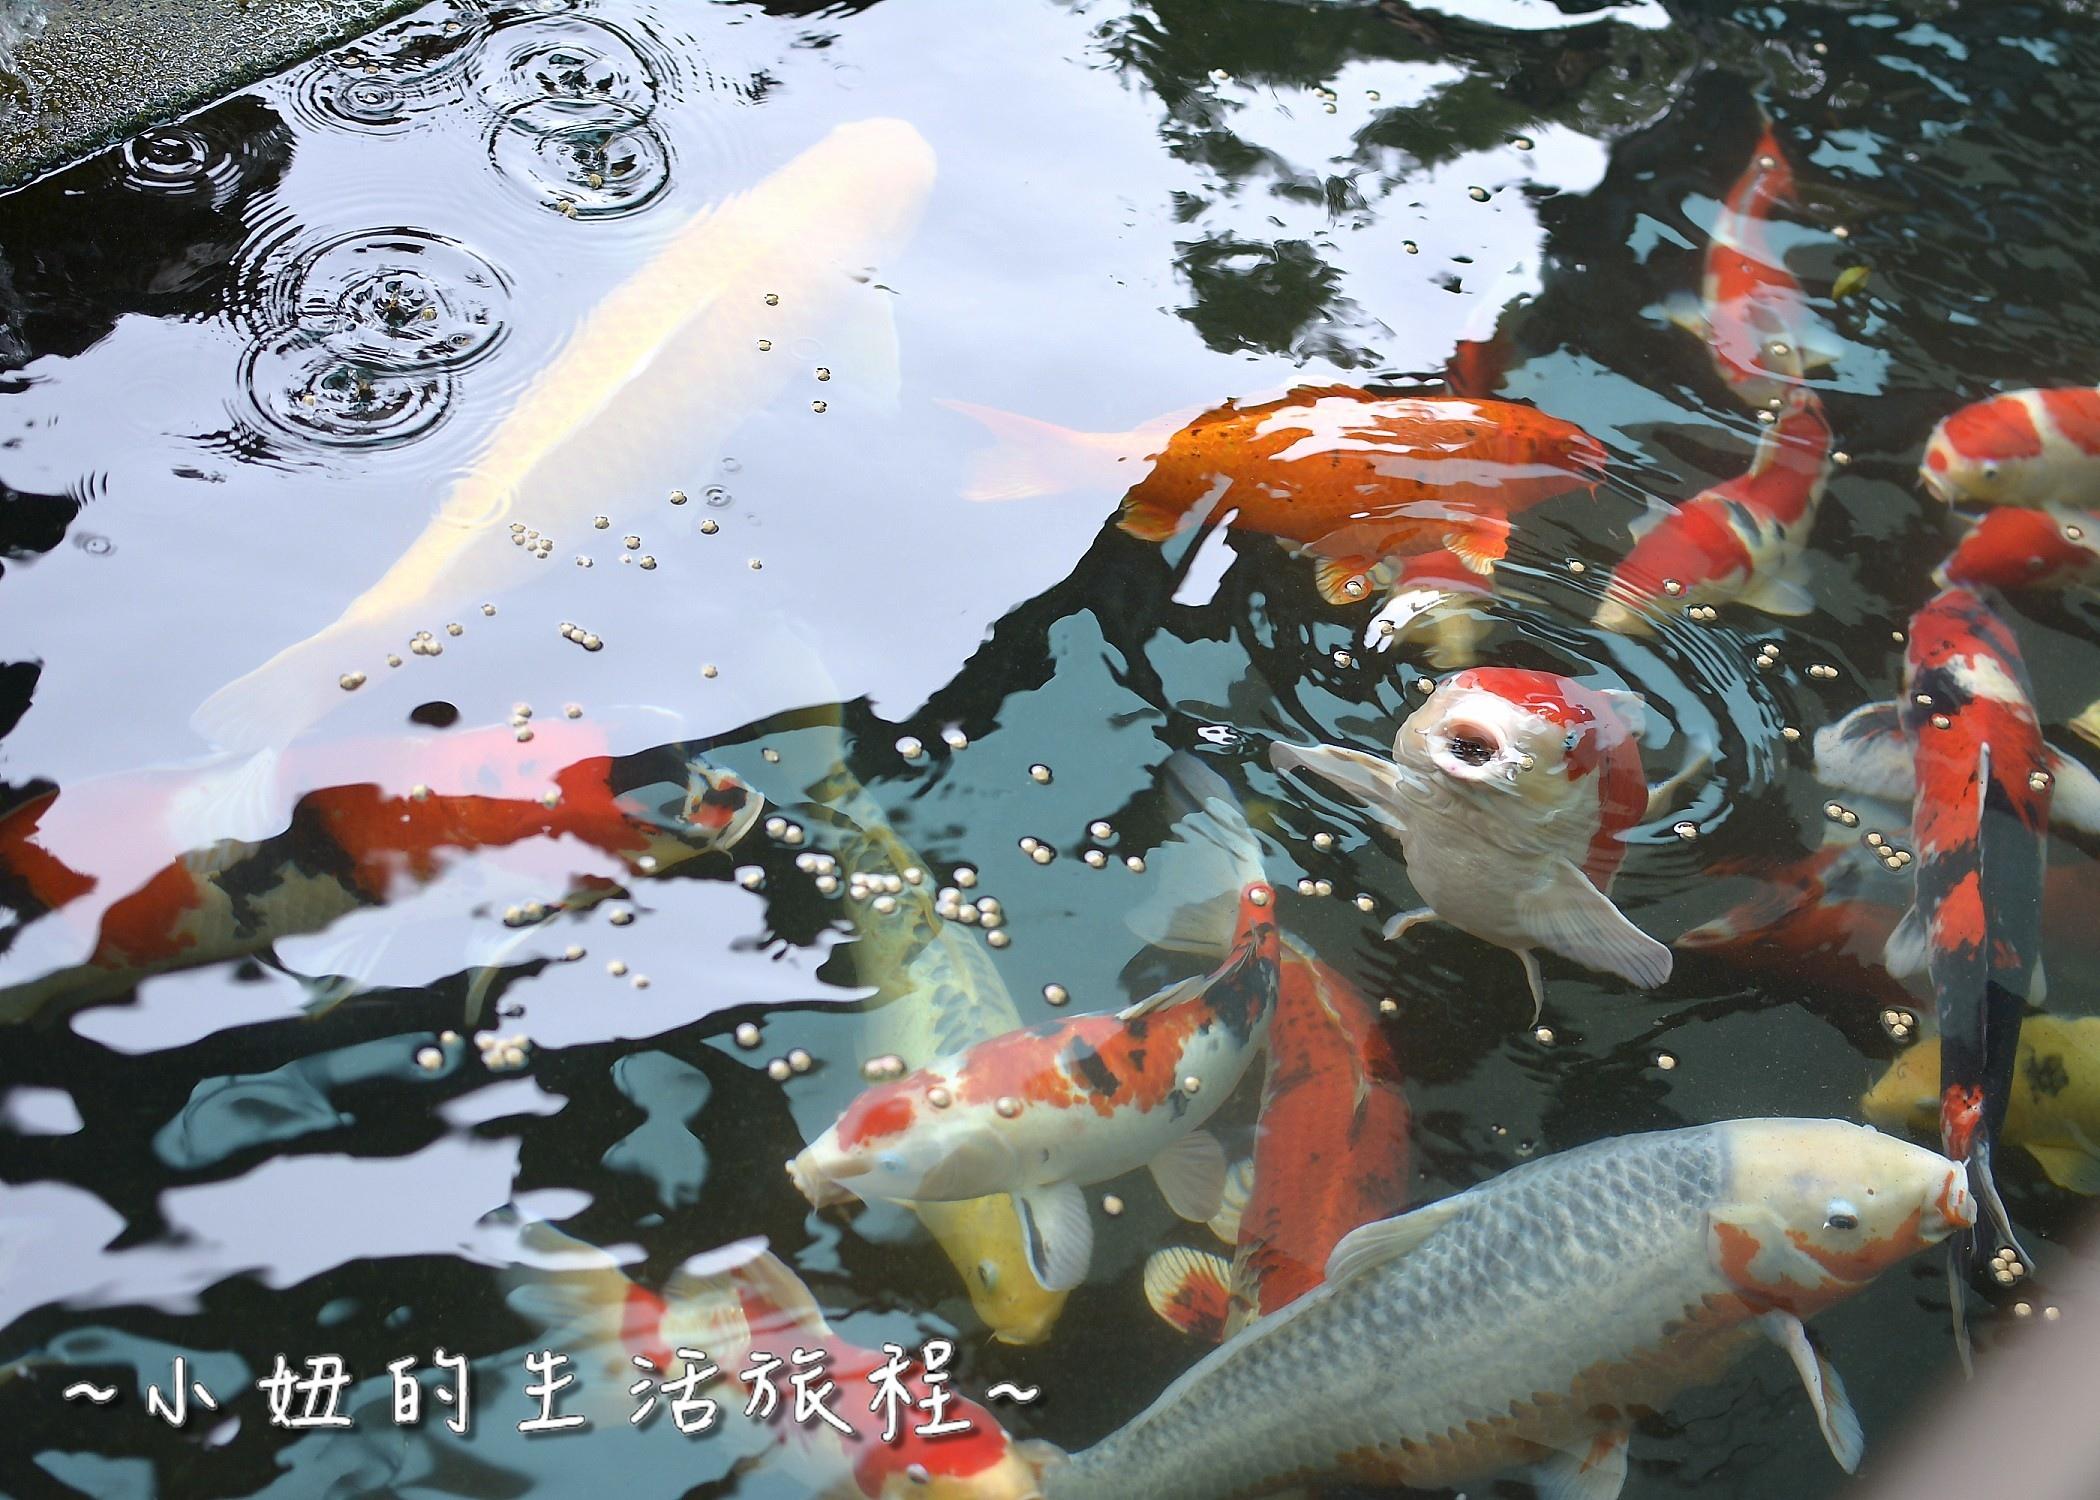 81 淡水民宿 日光行館 淡水高級民宿 淡水下午茶 .jpg